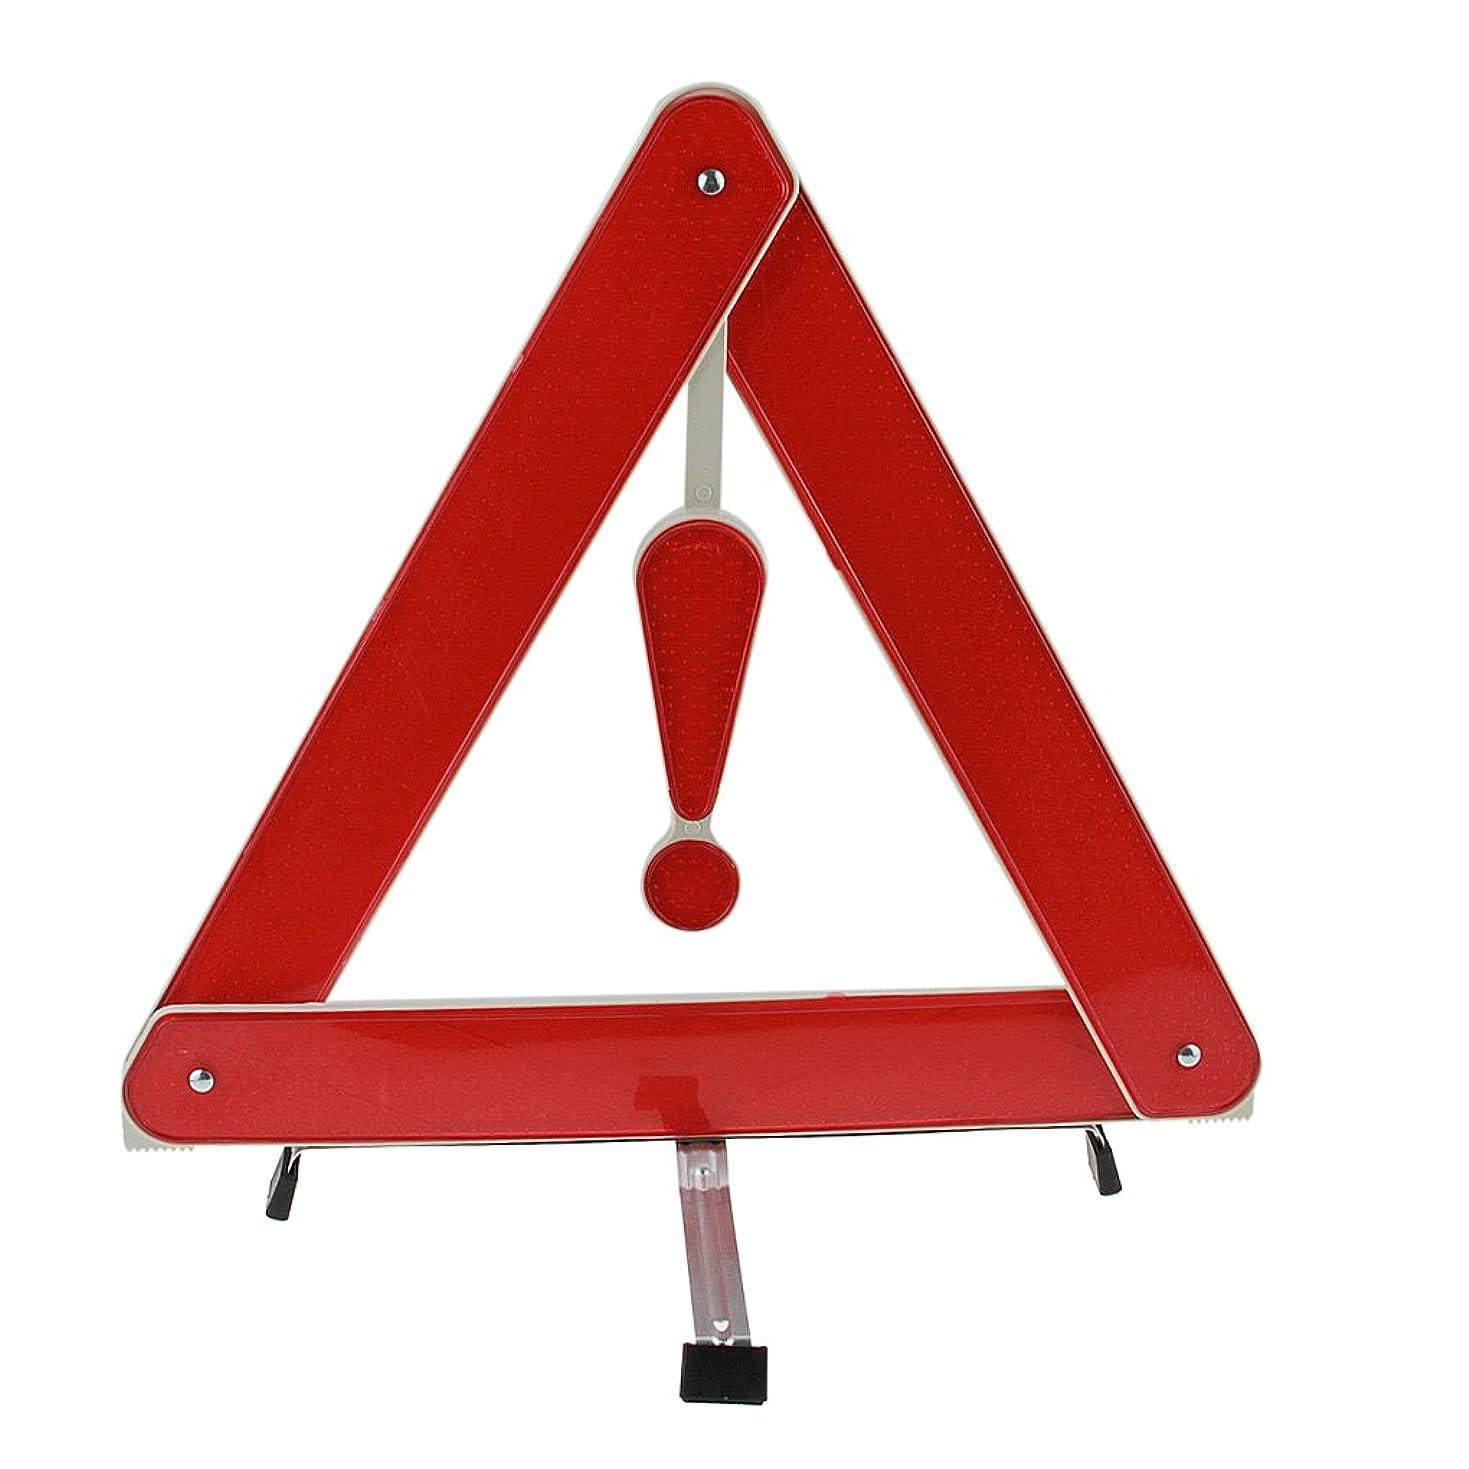 裏切り伝染性旧正月三角停止表示板 折りたたみ式 コンパクトで携帯便利 車 故障 緊急対応用品 三角表示反射板 収納可能 ケース付 高速道路に走る車必携